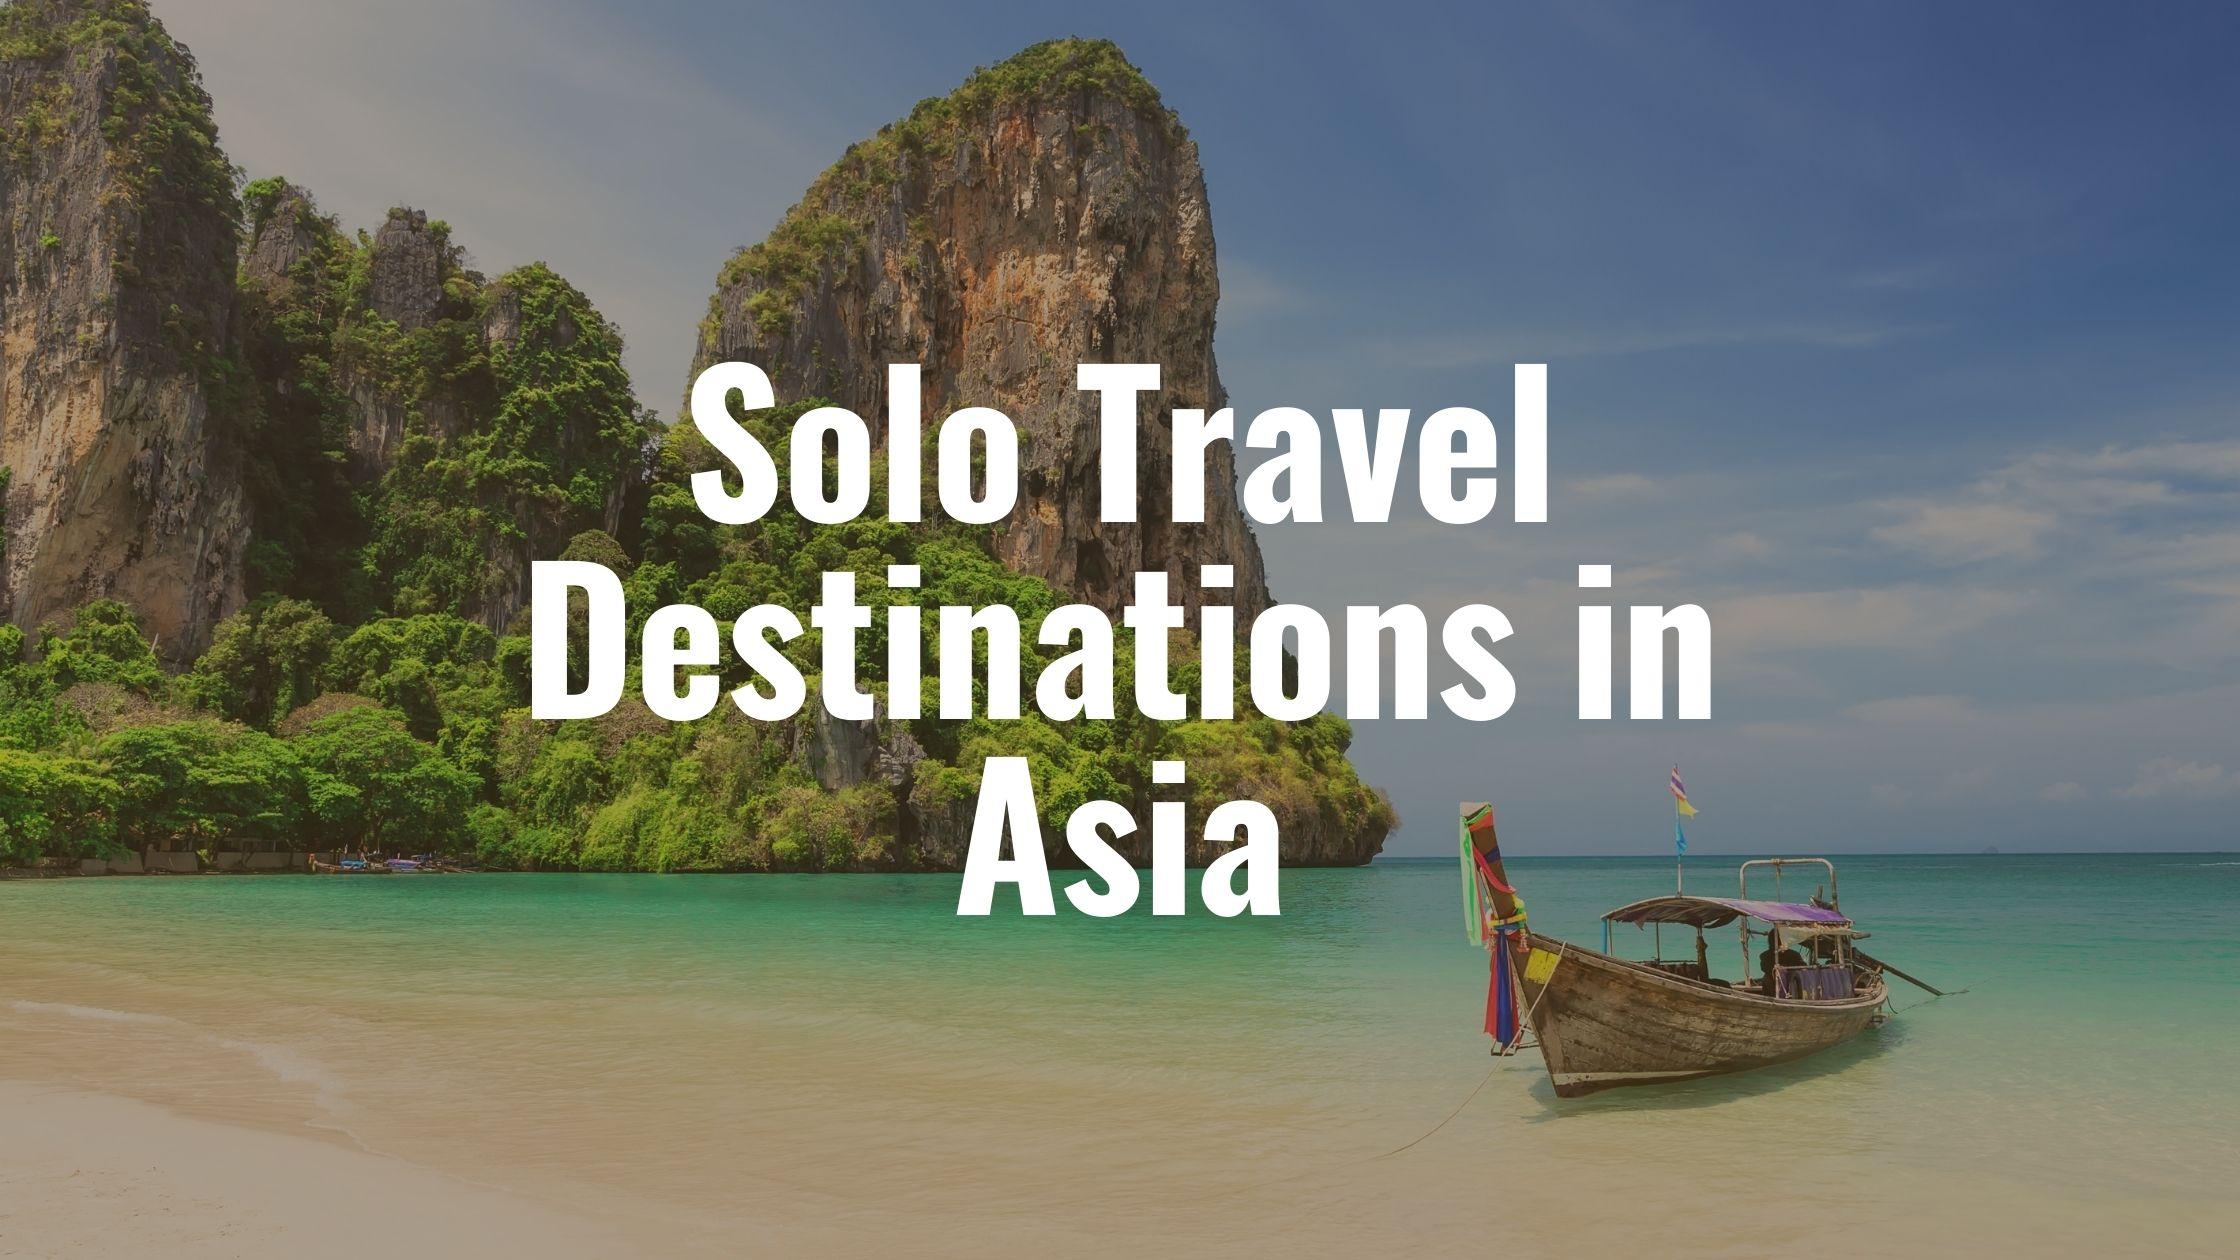 Solo Travel Destinations in Asia